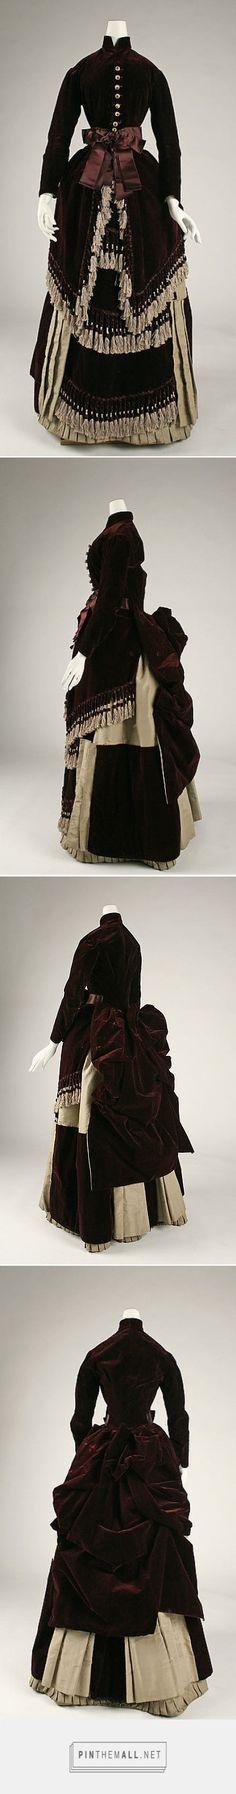 Dress ca. 1880 American   The Metropolitan Museum of Art